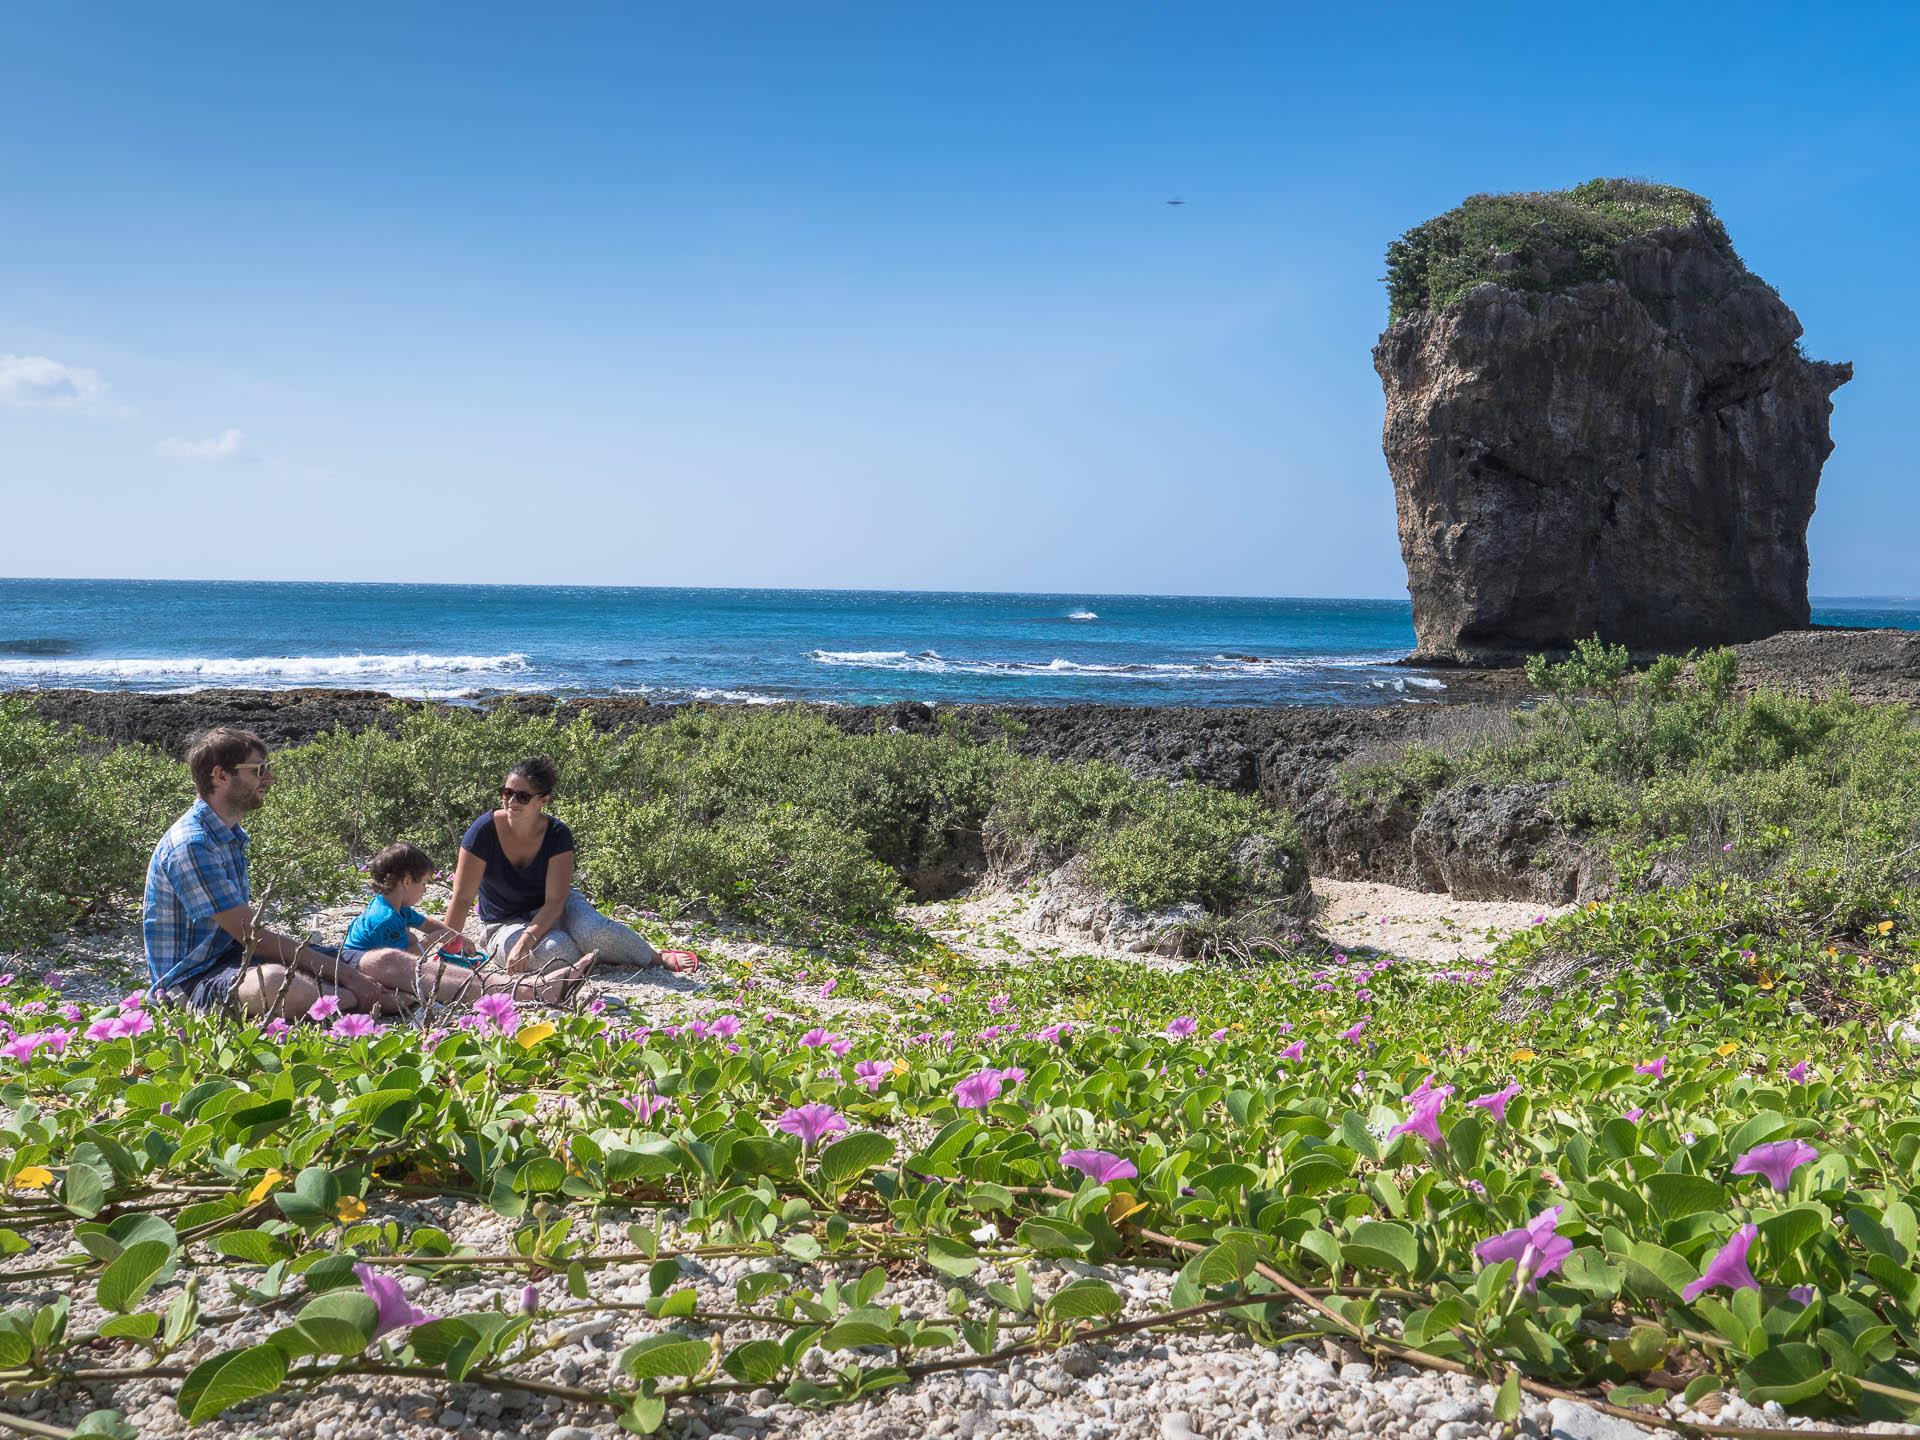 sail rock corail famille - Les globe blogueurs - blog voyage nature